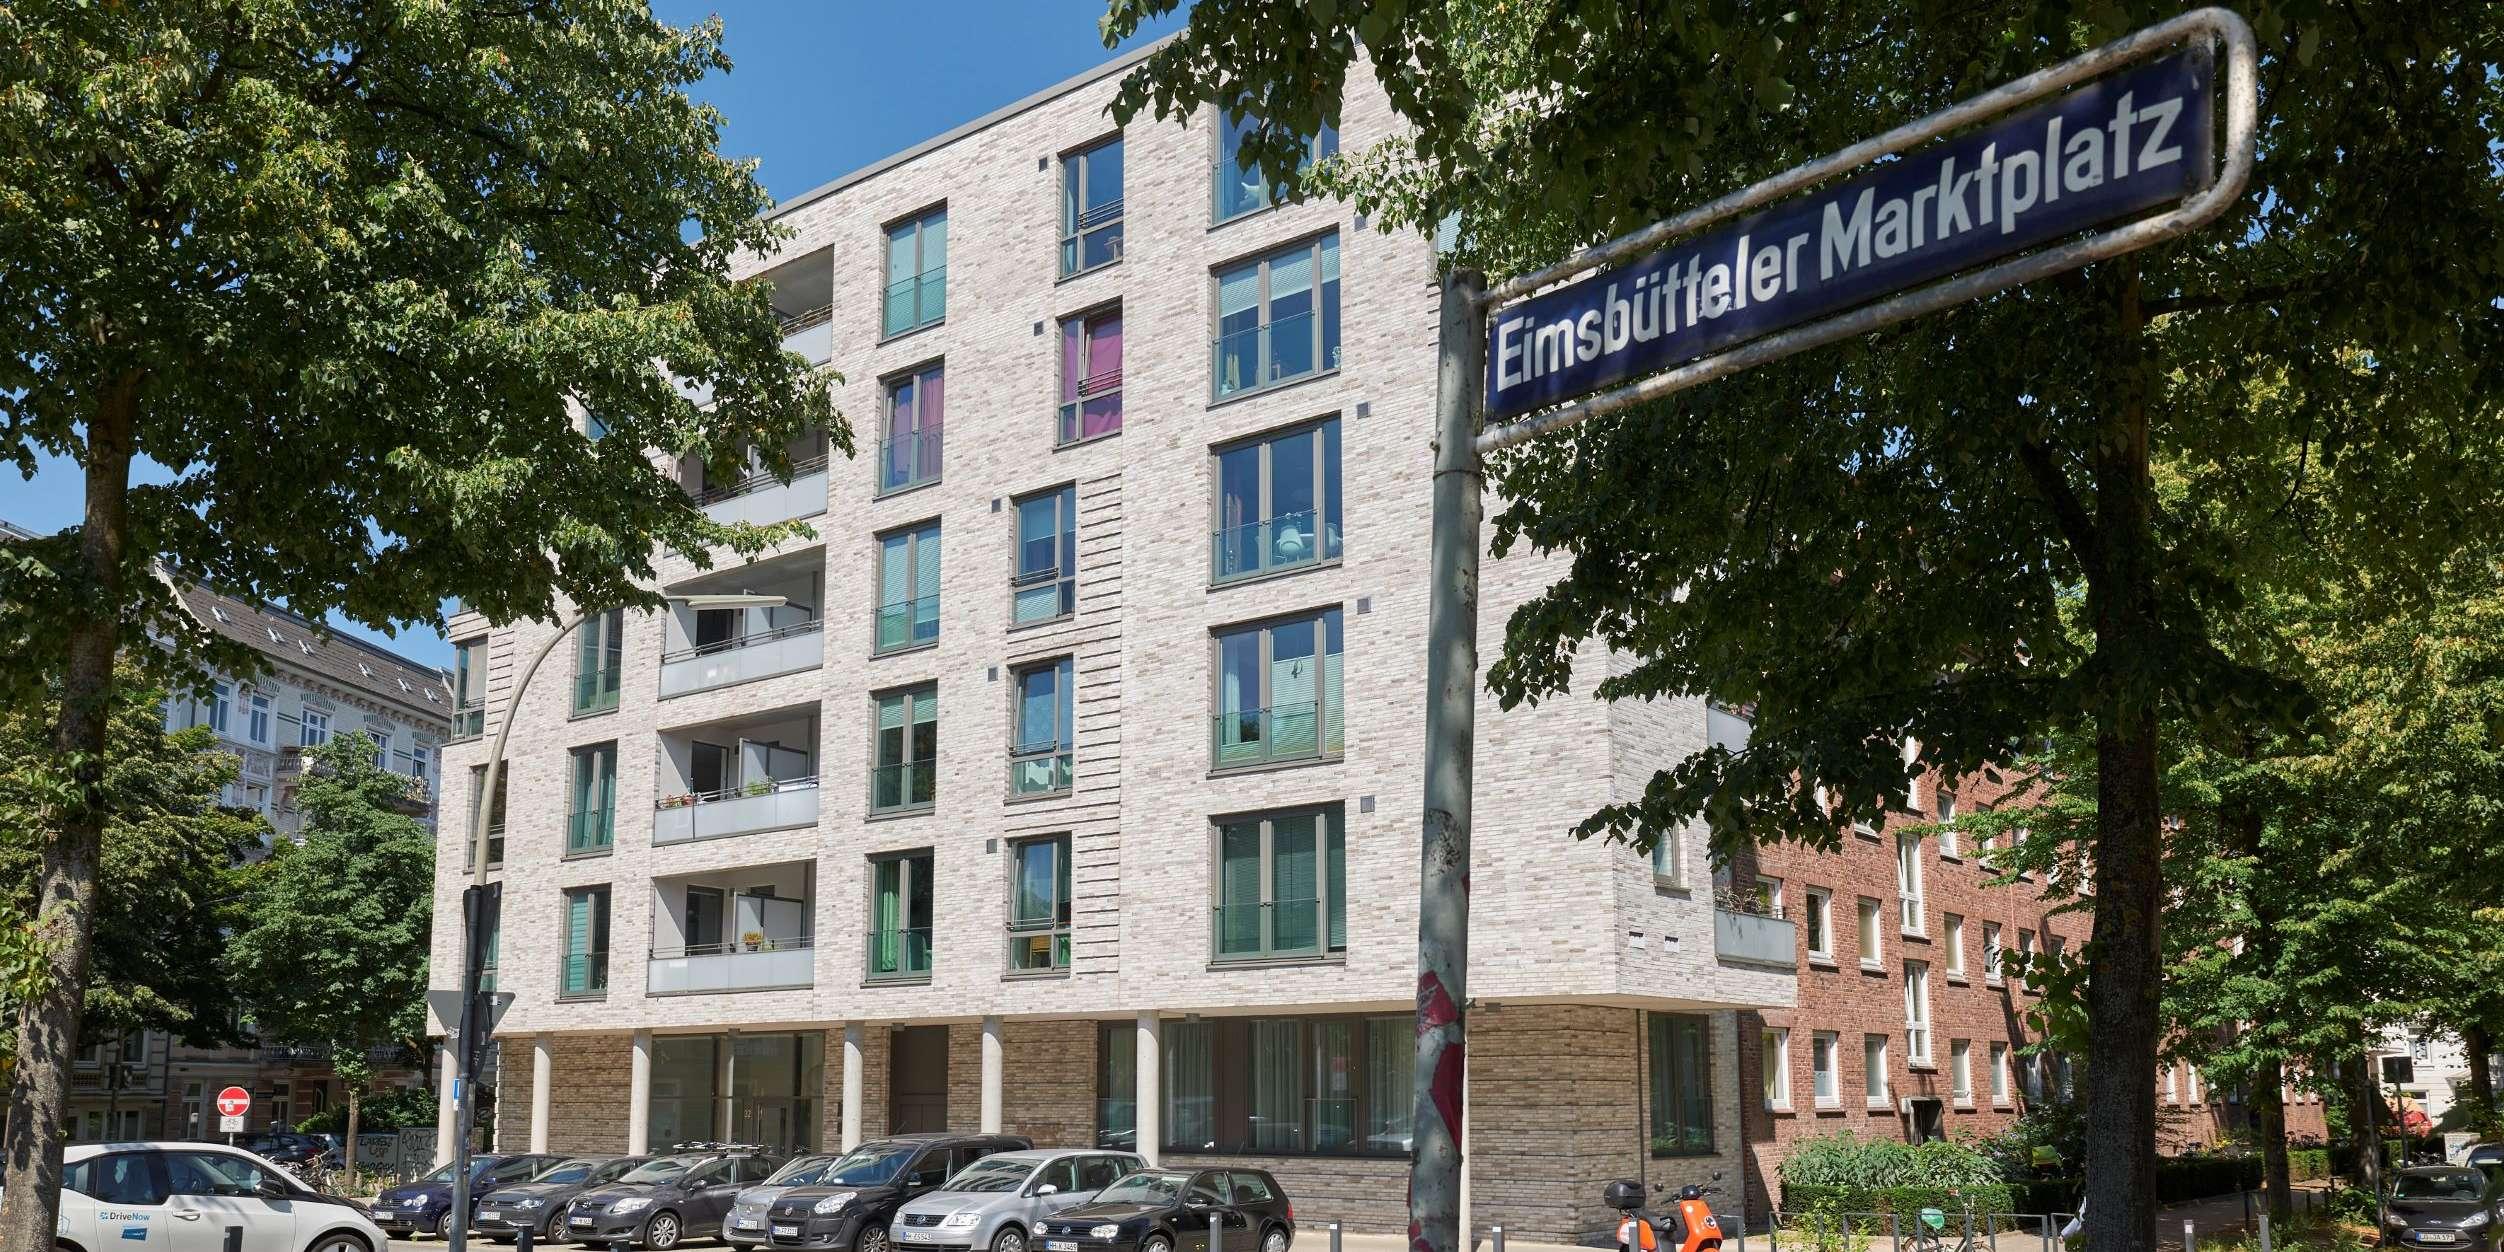 Eimsbütteler Marktplatz  Hamburg   KAIFU